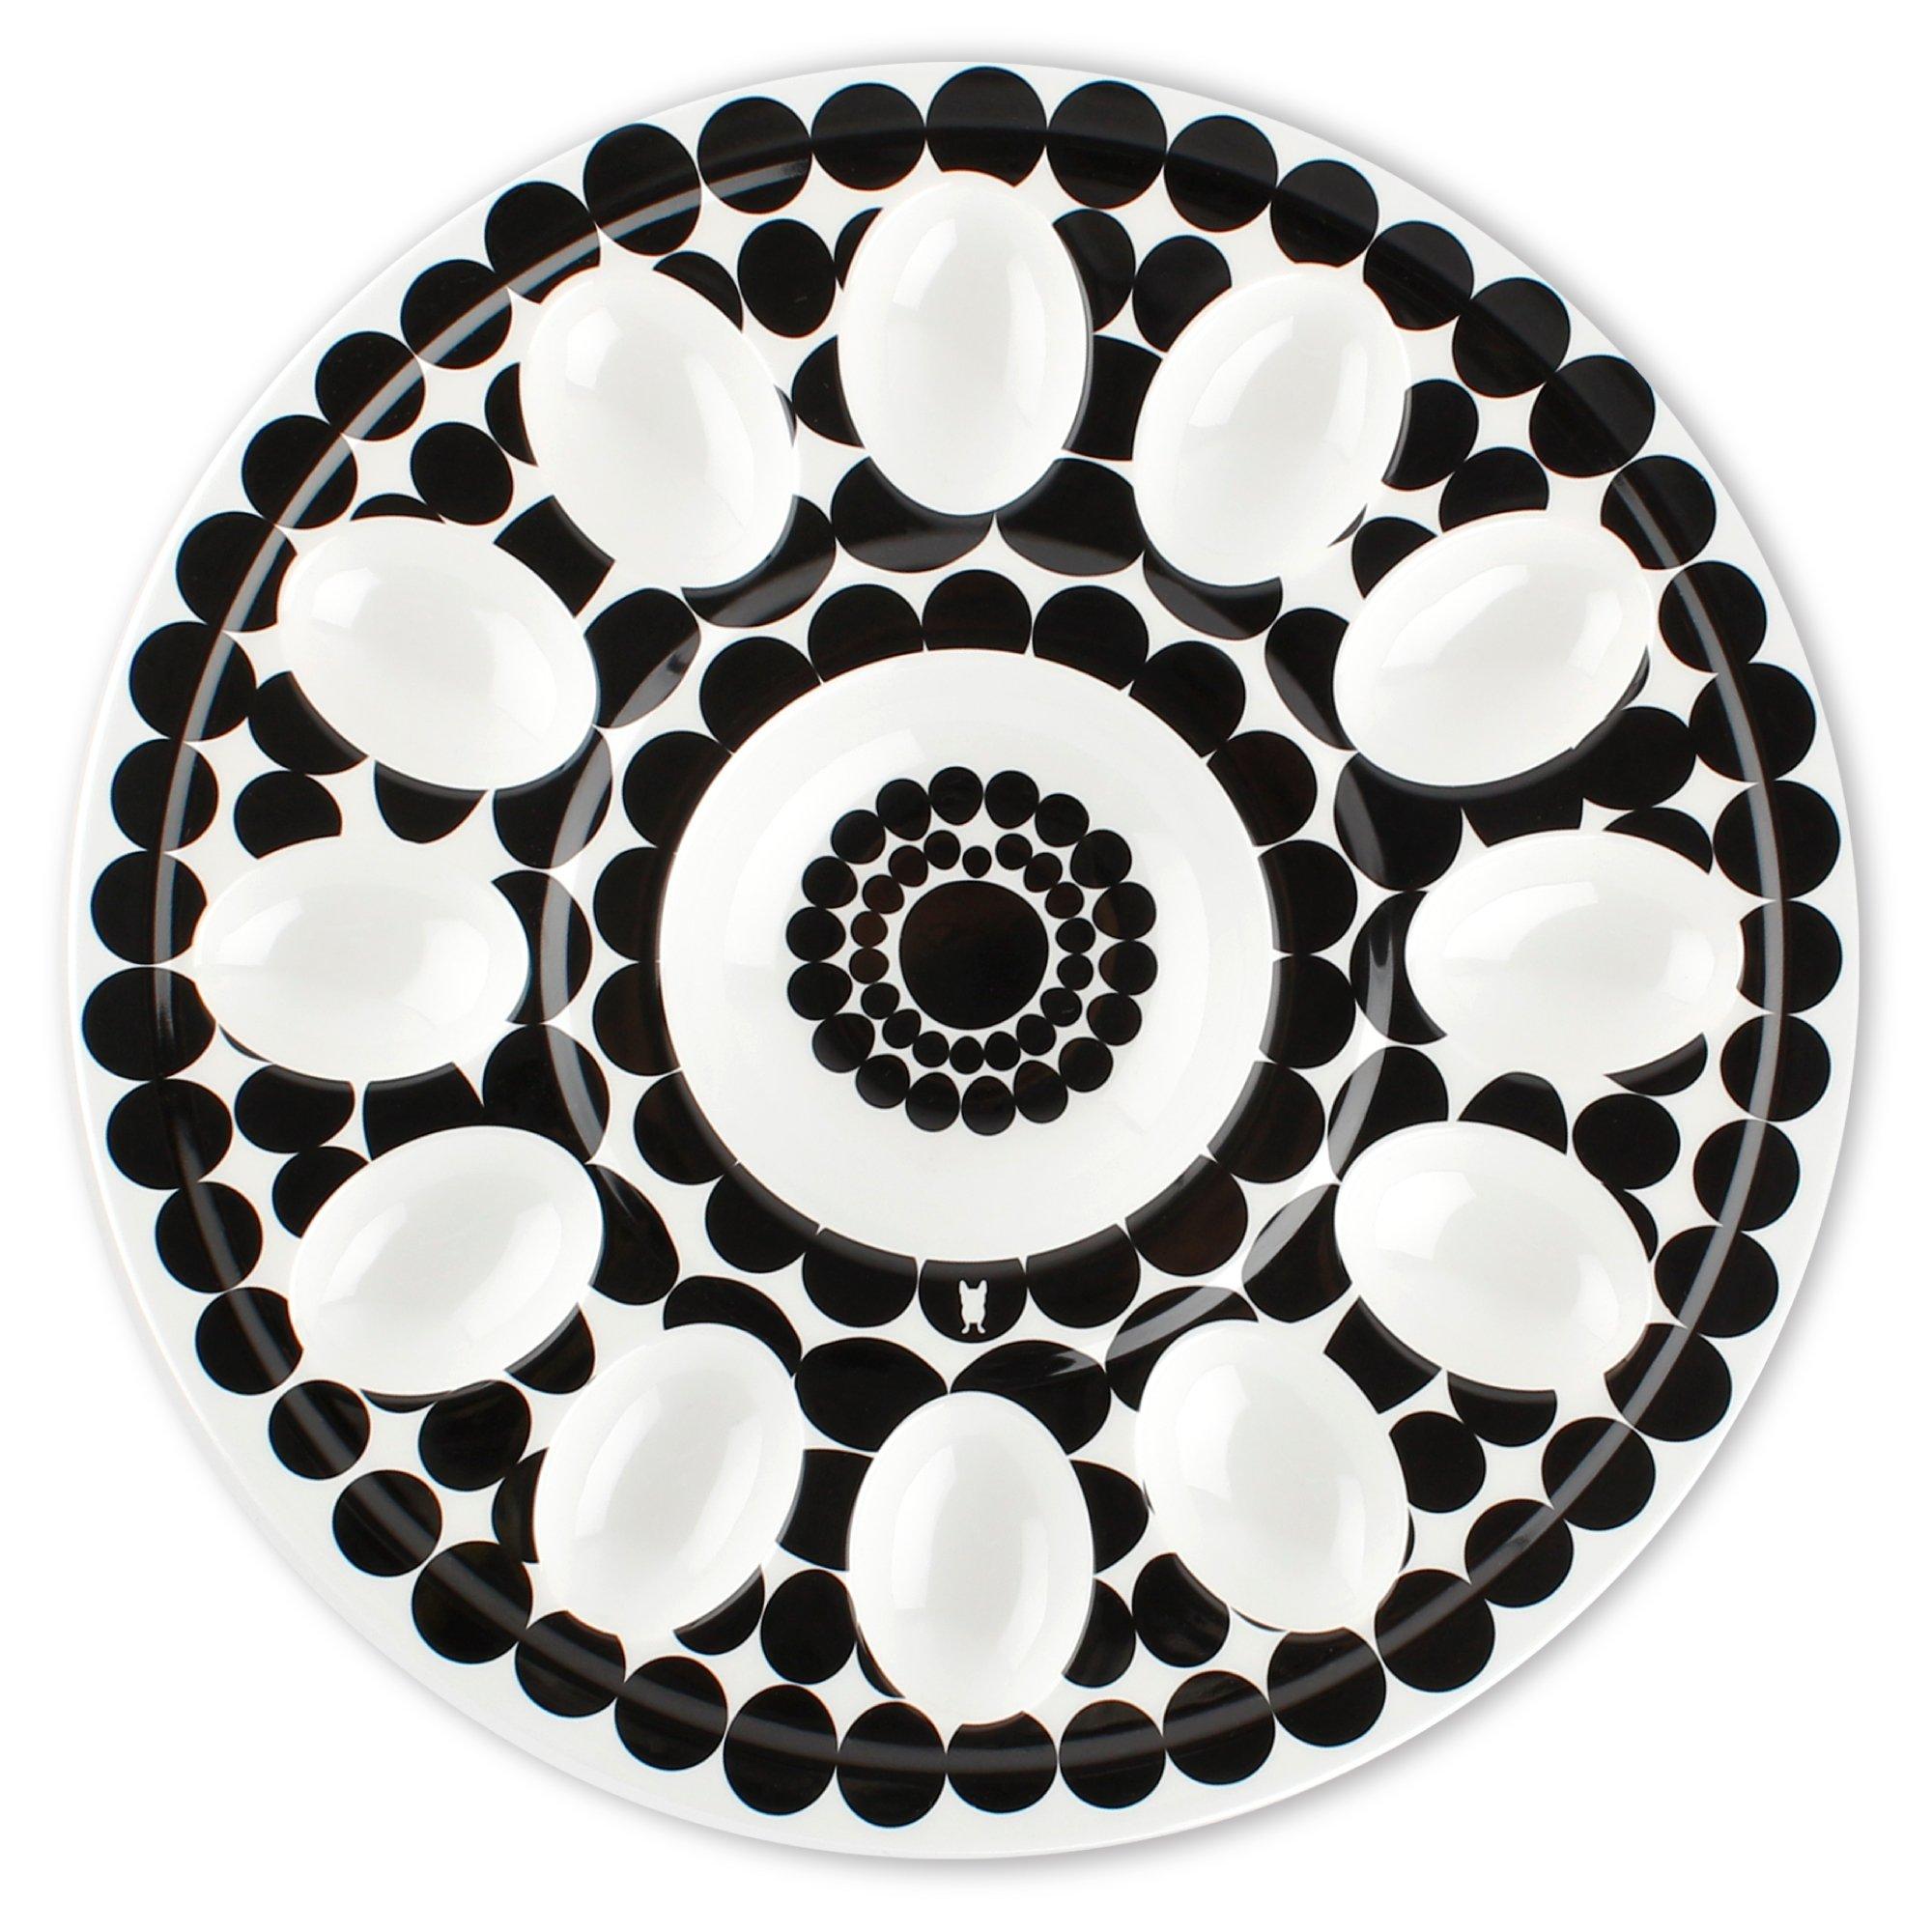 French Bull 12'' Egg Tray - Melamine Dinnerware - Platter, Dish, Serving, Deviled, Easter - Foli